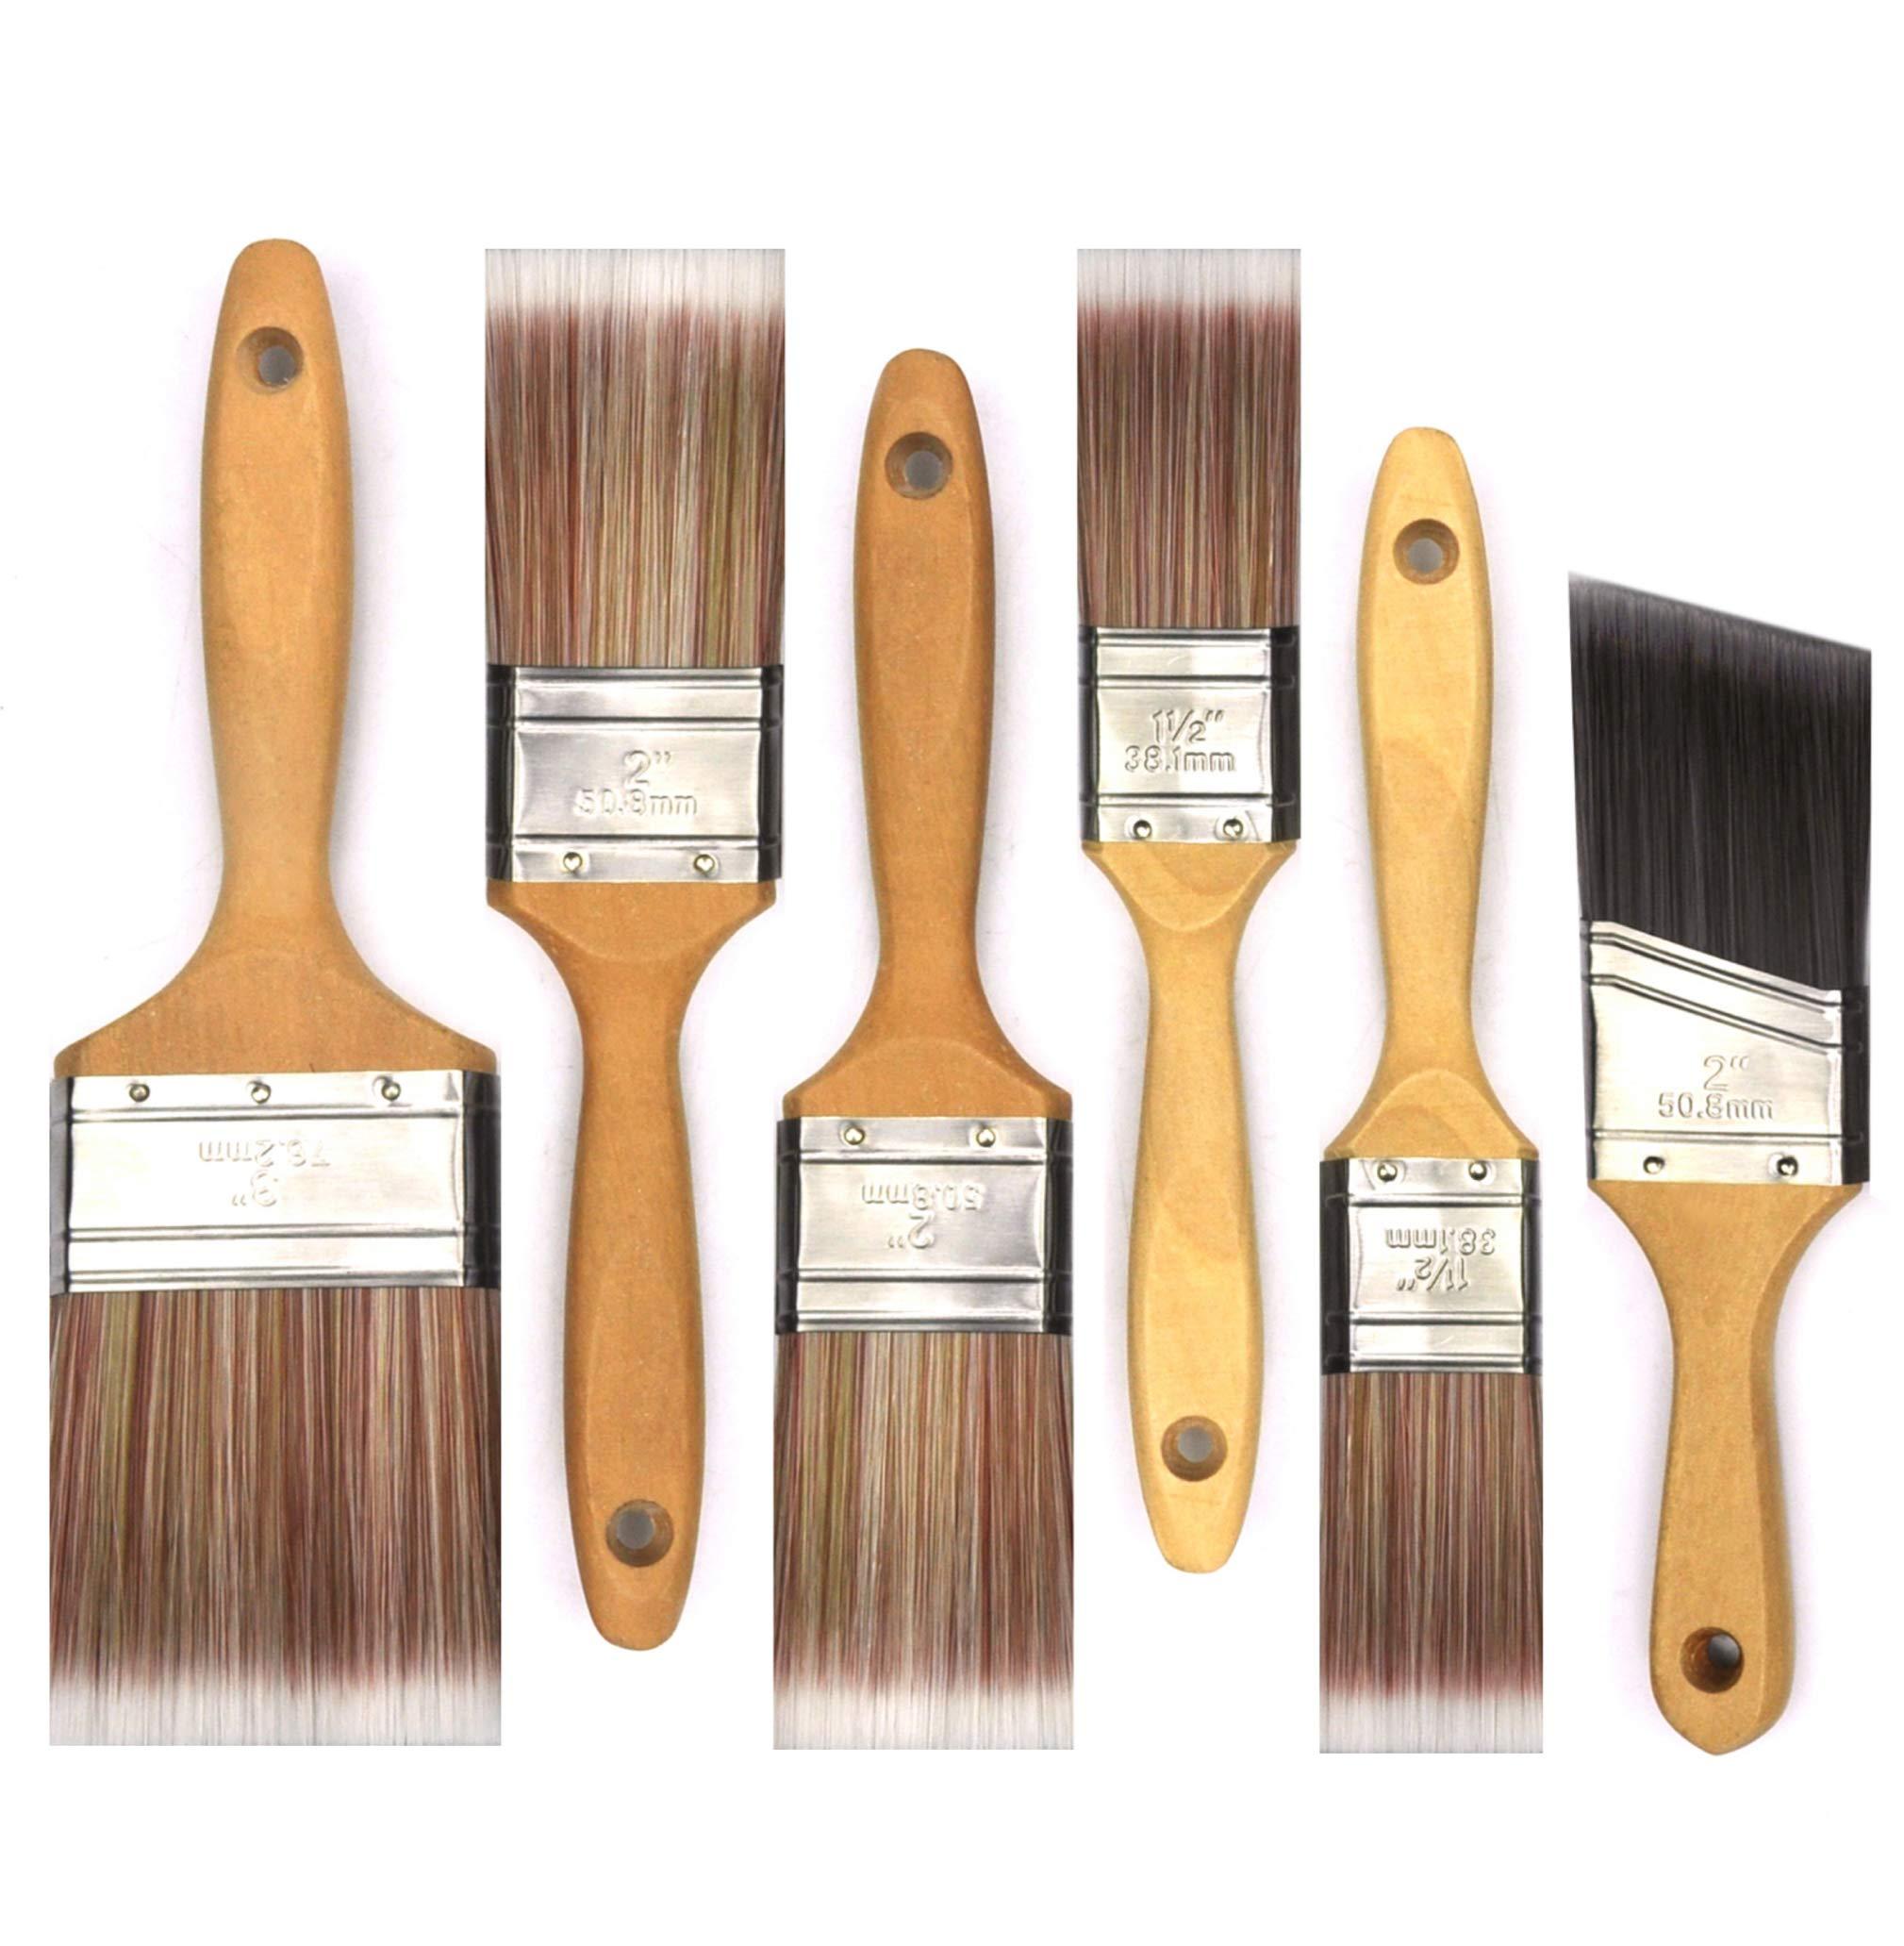 6 Piece Professional Painters SRT Paint Brush,Paint Brushes,Home Repair Tools,Paint Brush Set,Paintbrush,Wooden Handle Paint Brush,Painting Brush,Tools,Tool kit,Tool Set,Home Tool kit